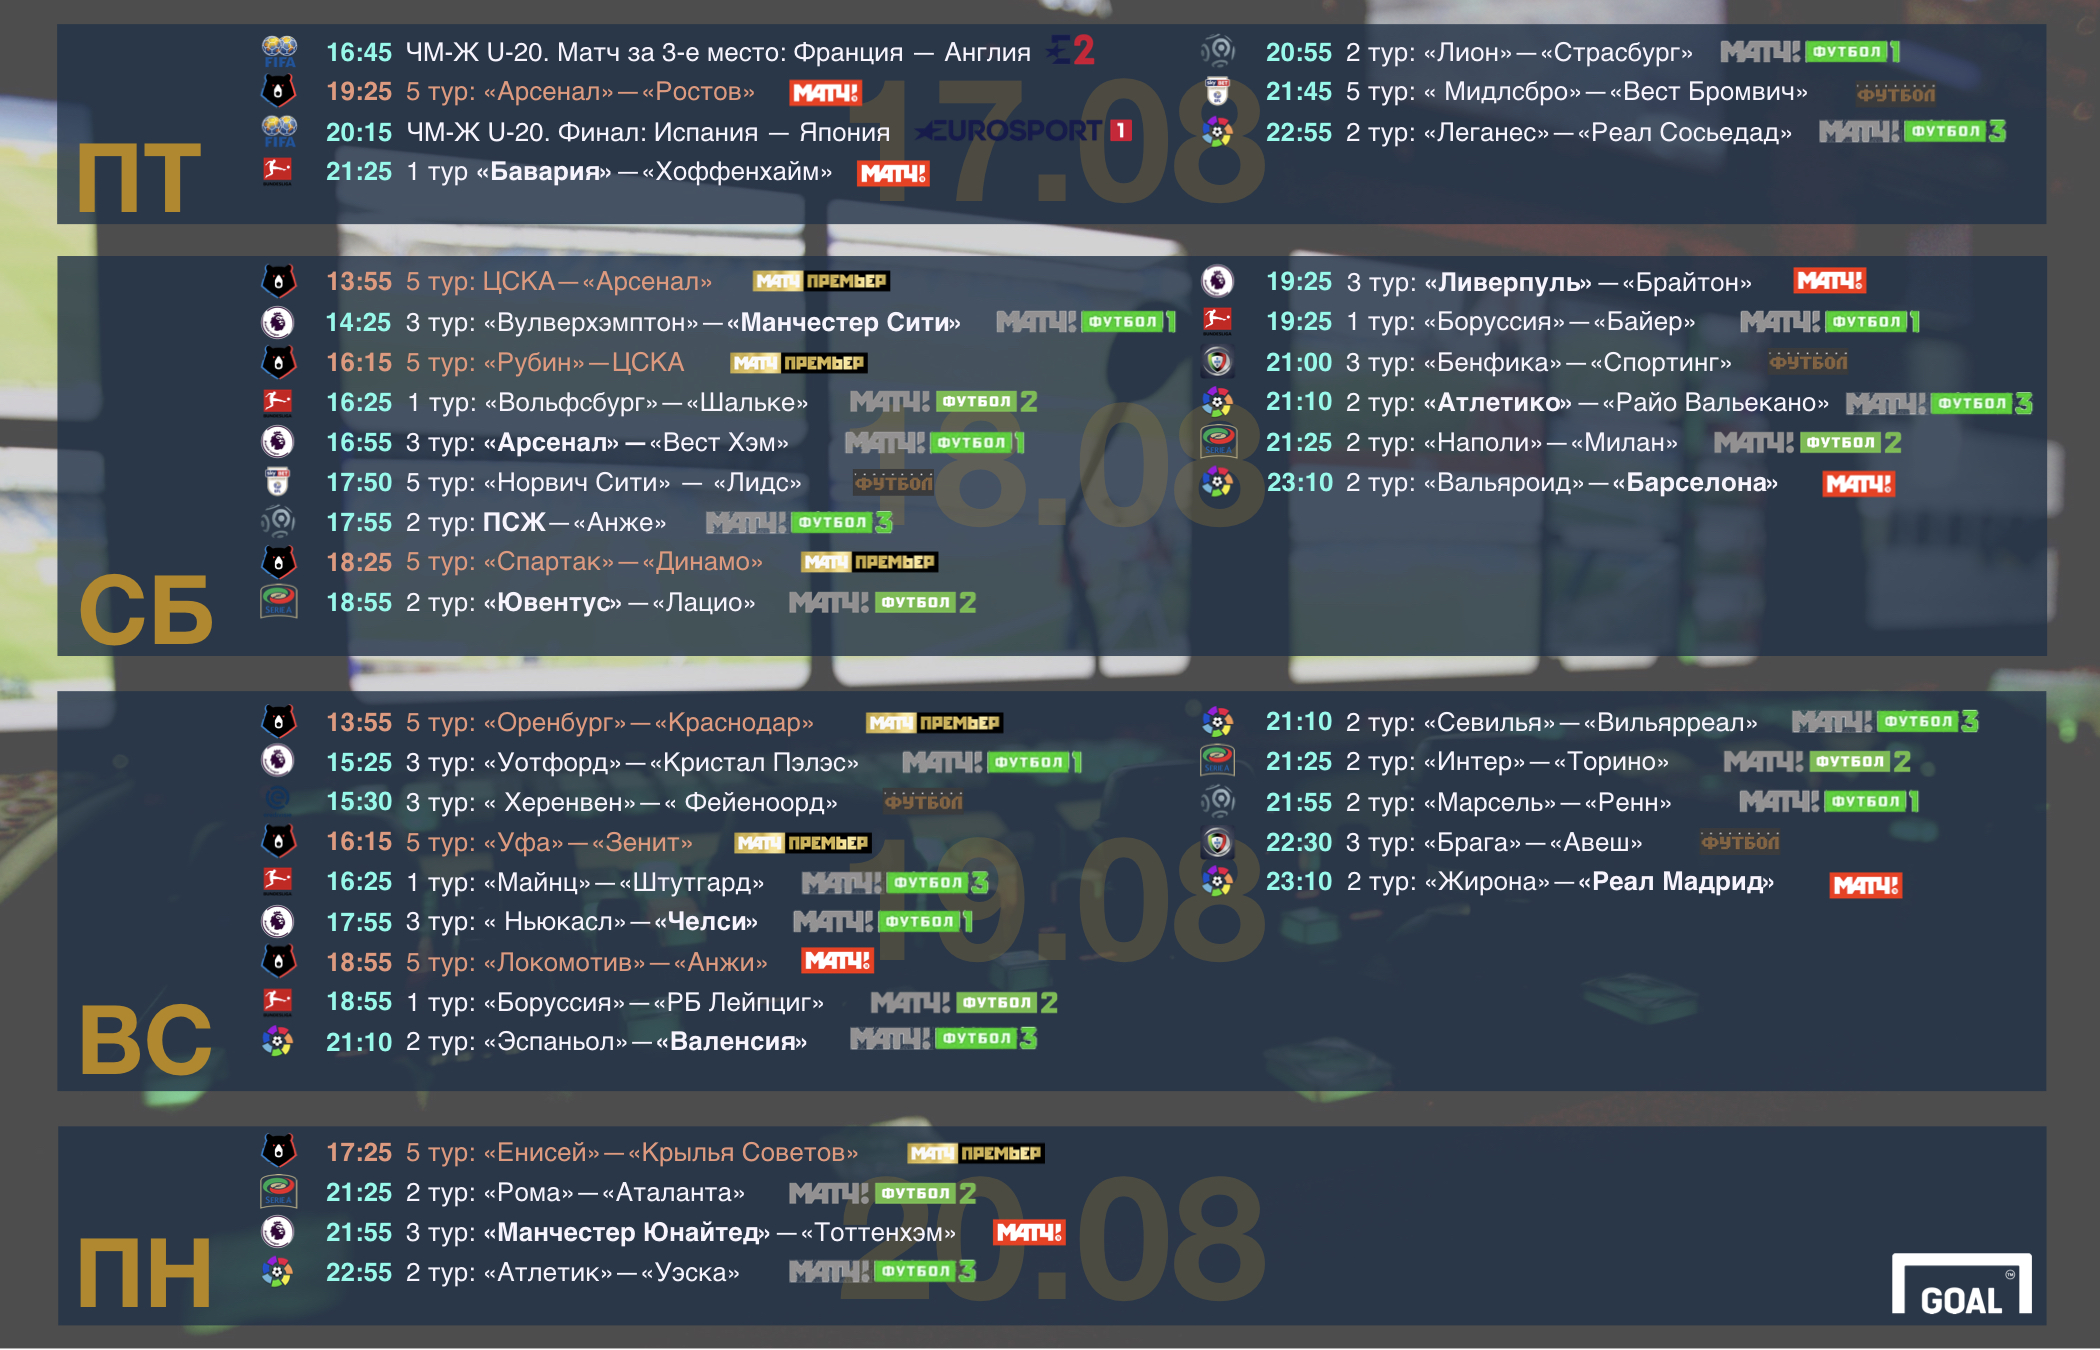 Телевидение москвы испанской лиги футбола